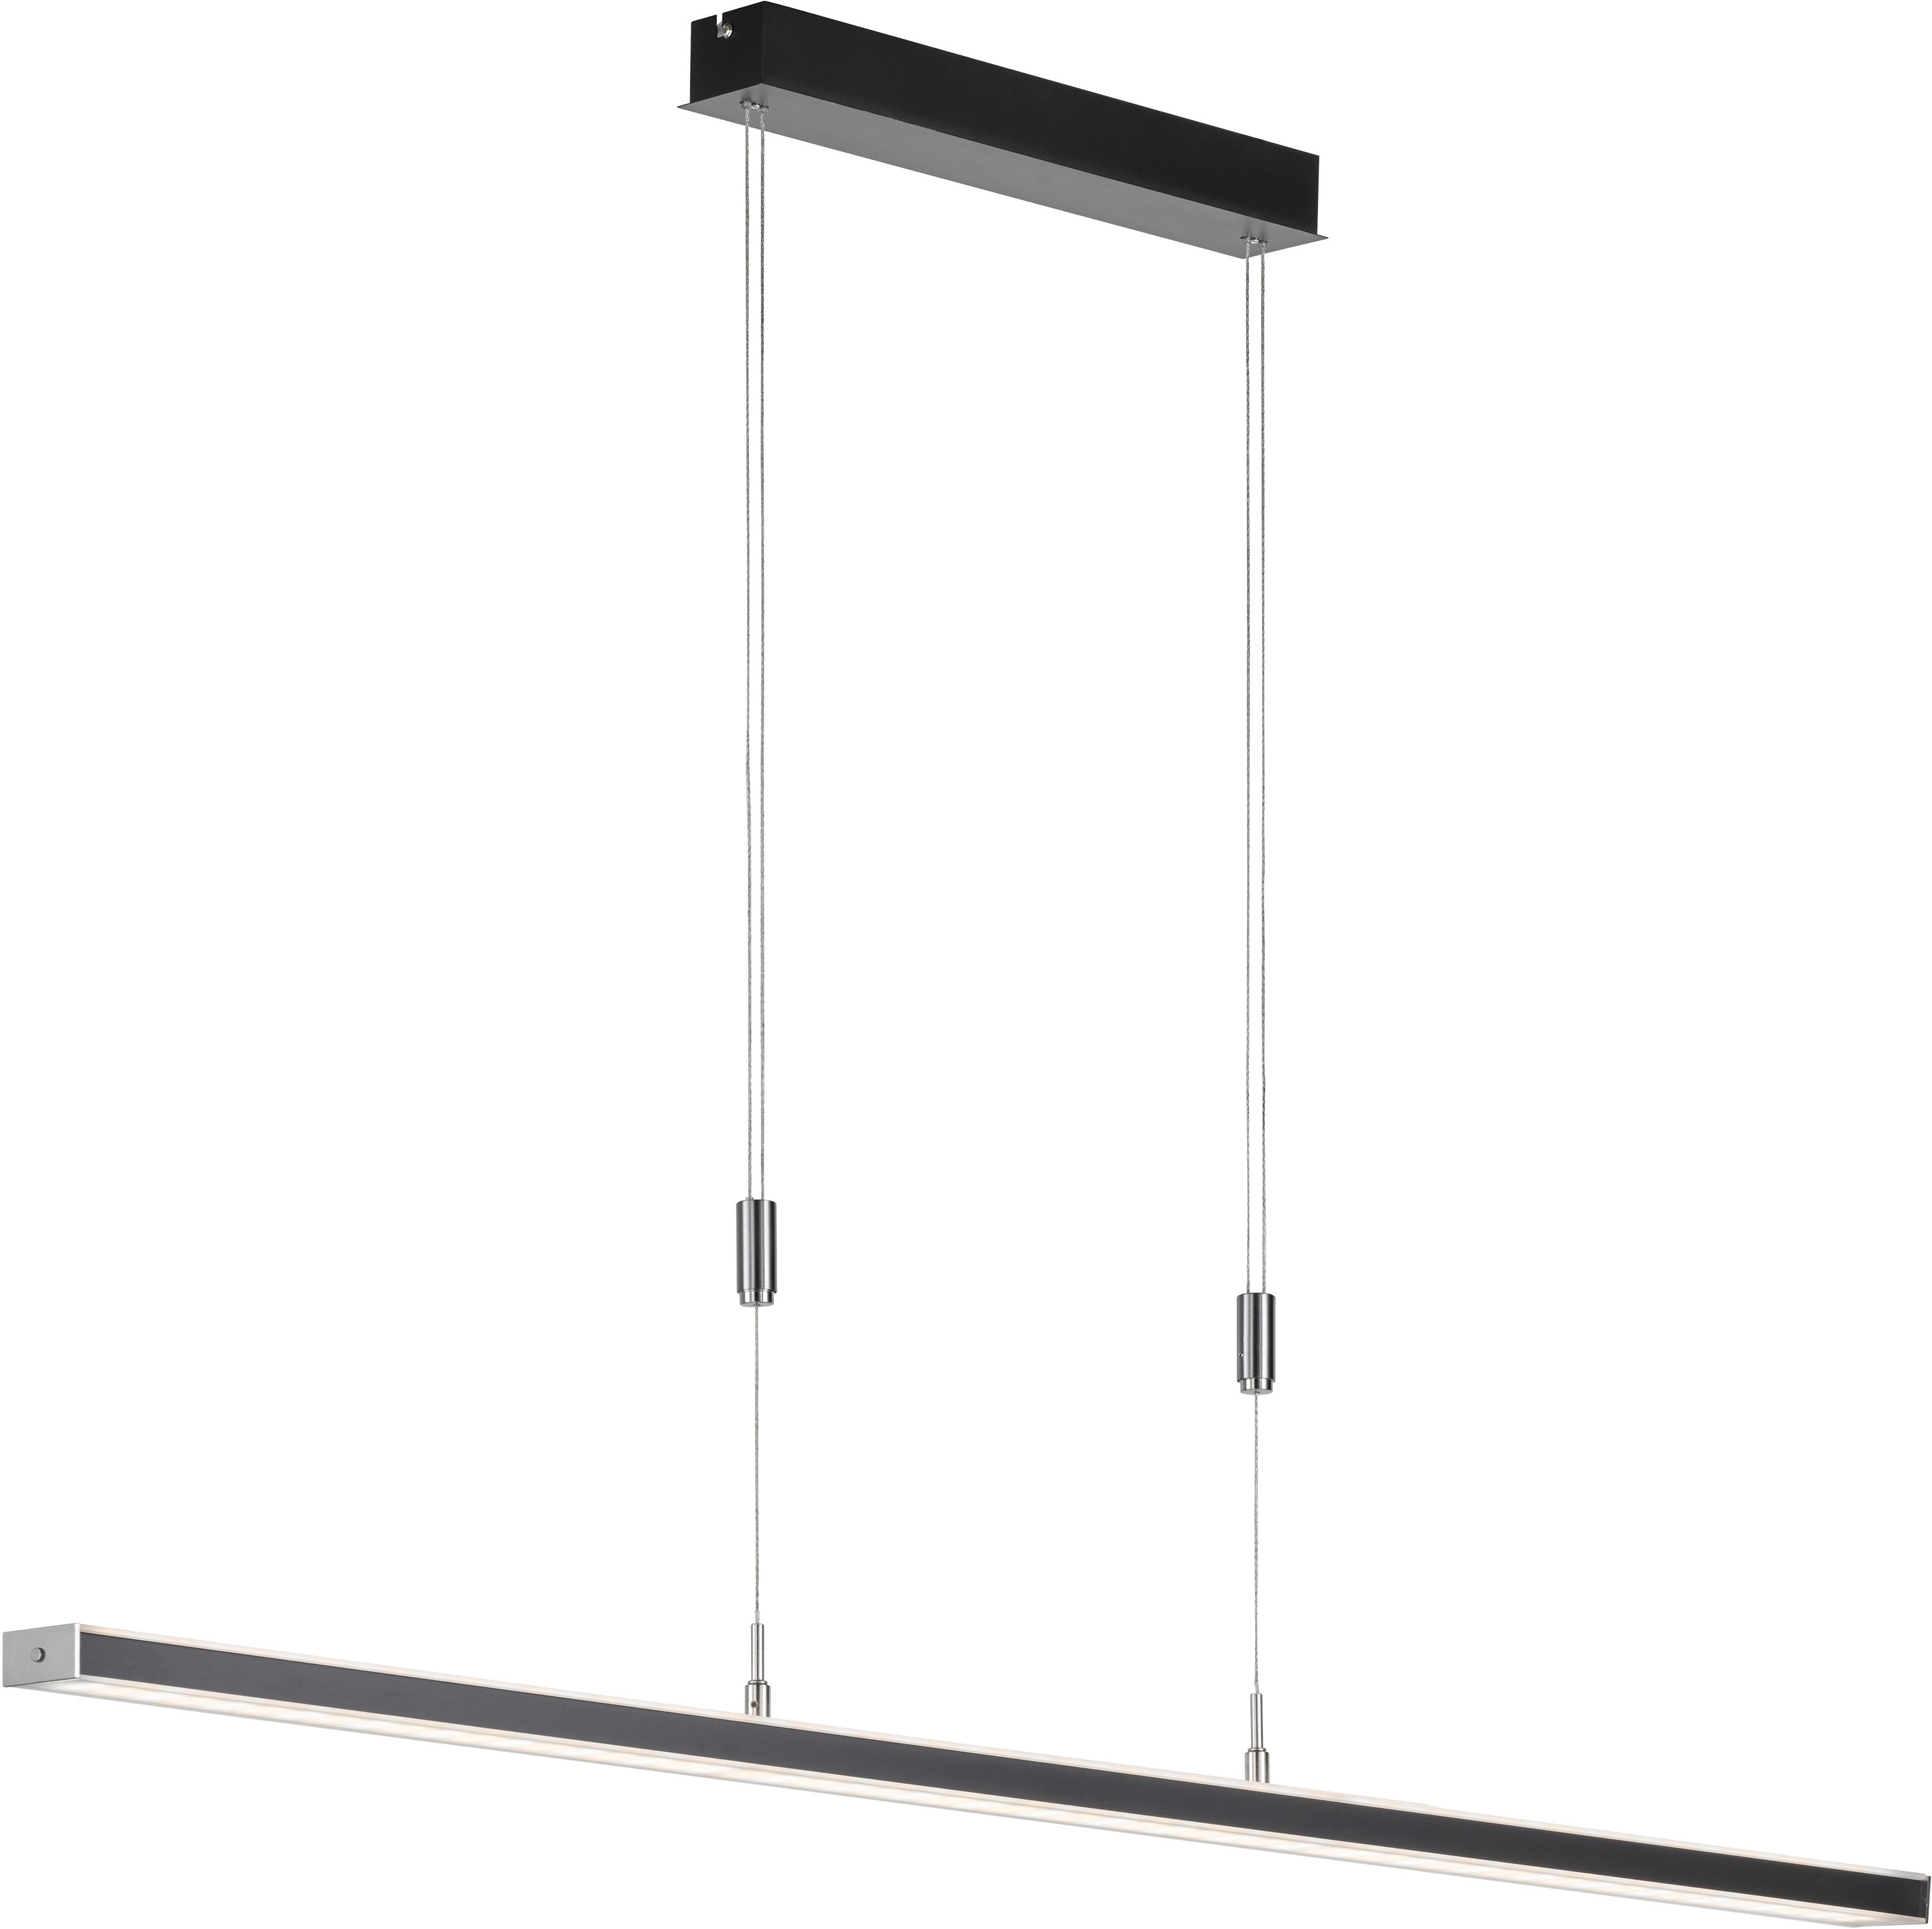 FISCHER & HONSEL LED Pendelleuchte Vitan TW, LED-Modul, Warmweiß-Neutralweiß